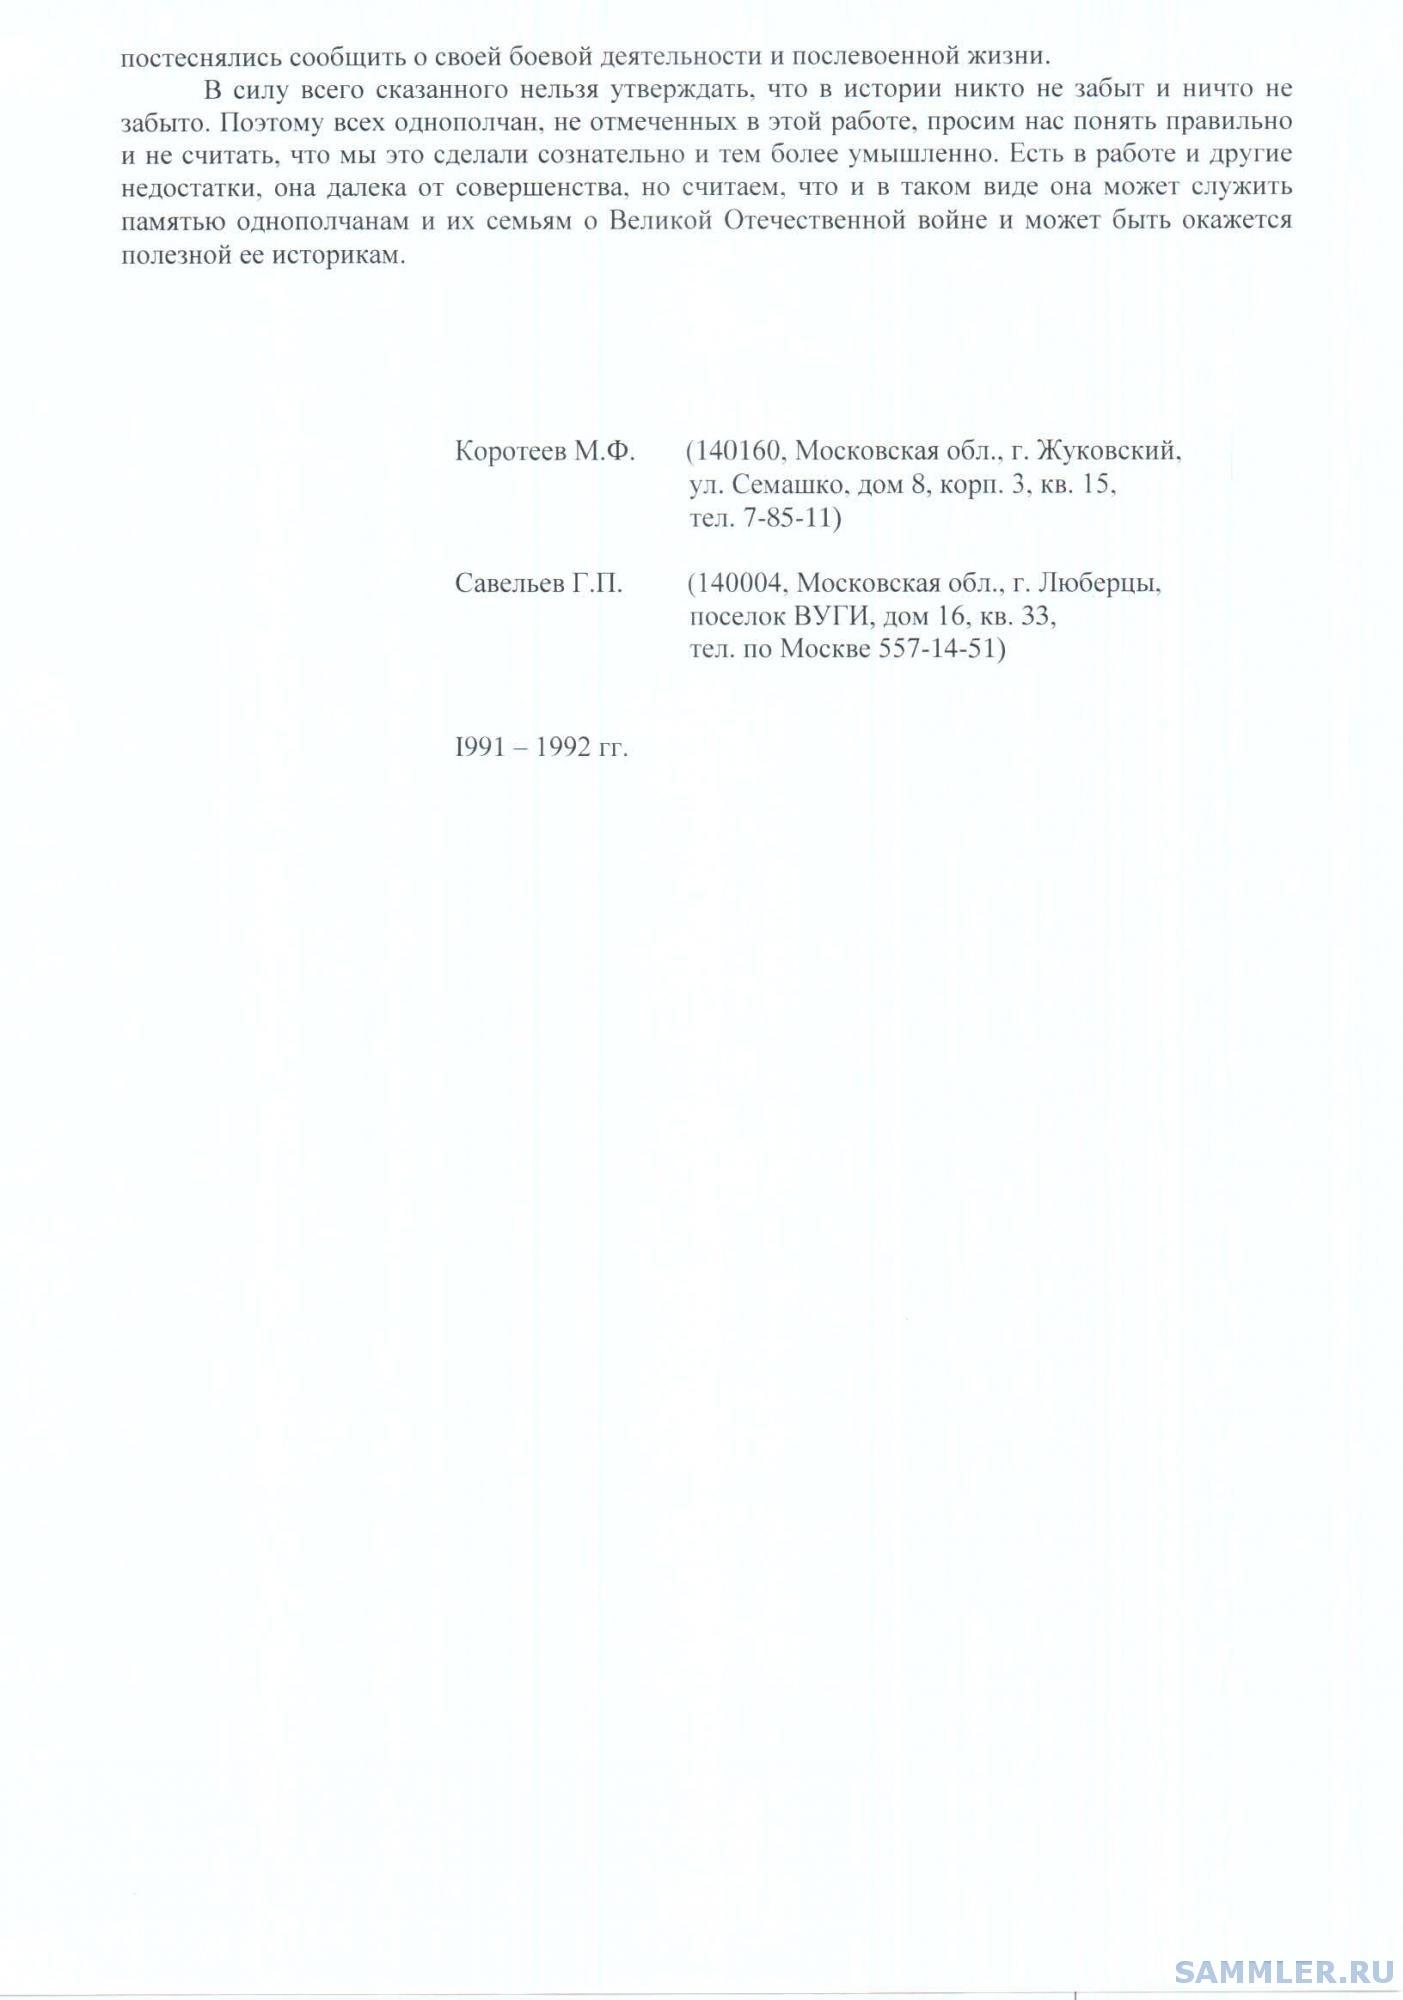 ЛИСТ 25.jpg